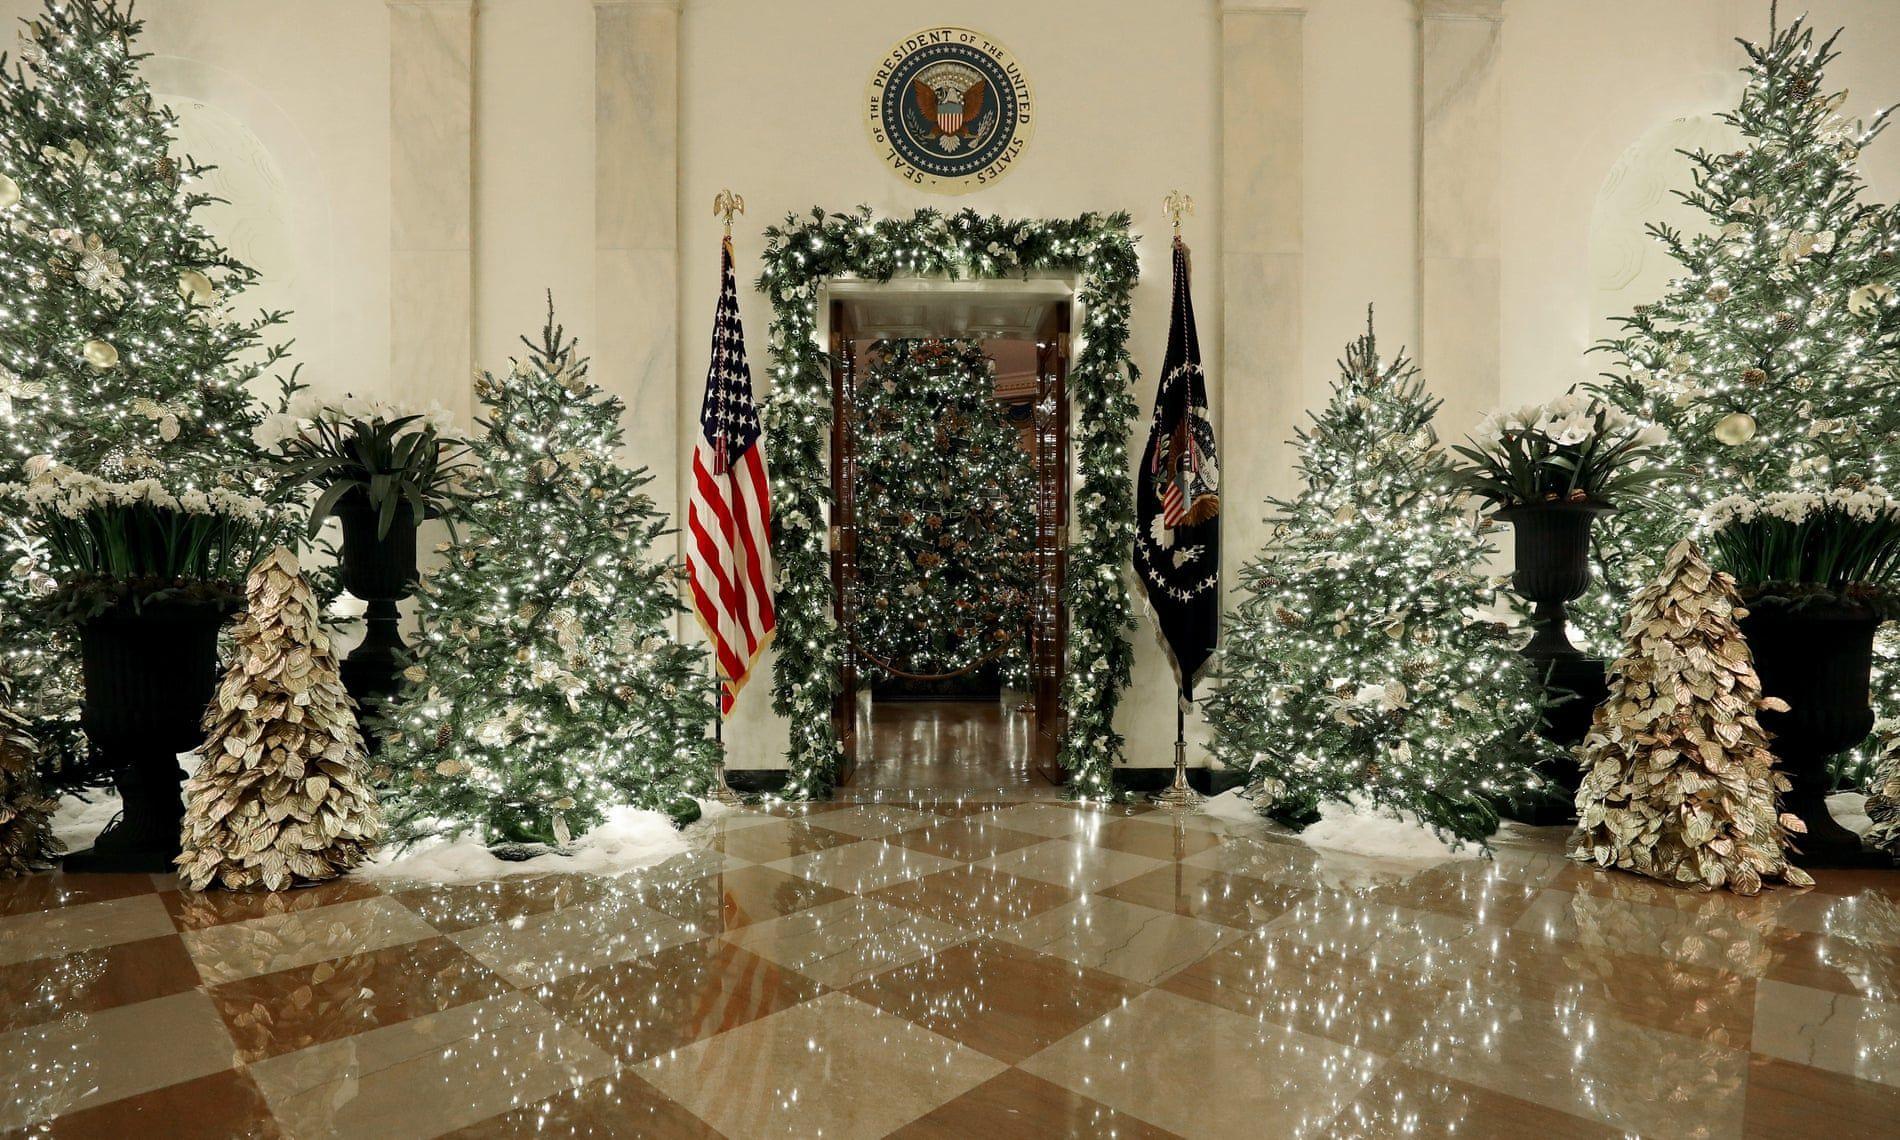 Ngắm không khí Giáng sinh 2019 - 'Tinh thần của nước Mỹ' tại Nhà Trắng Ảnh 1